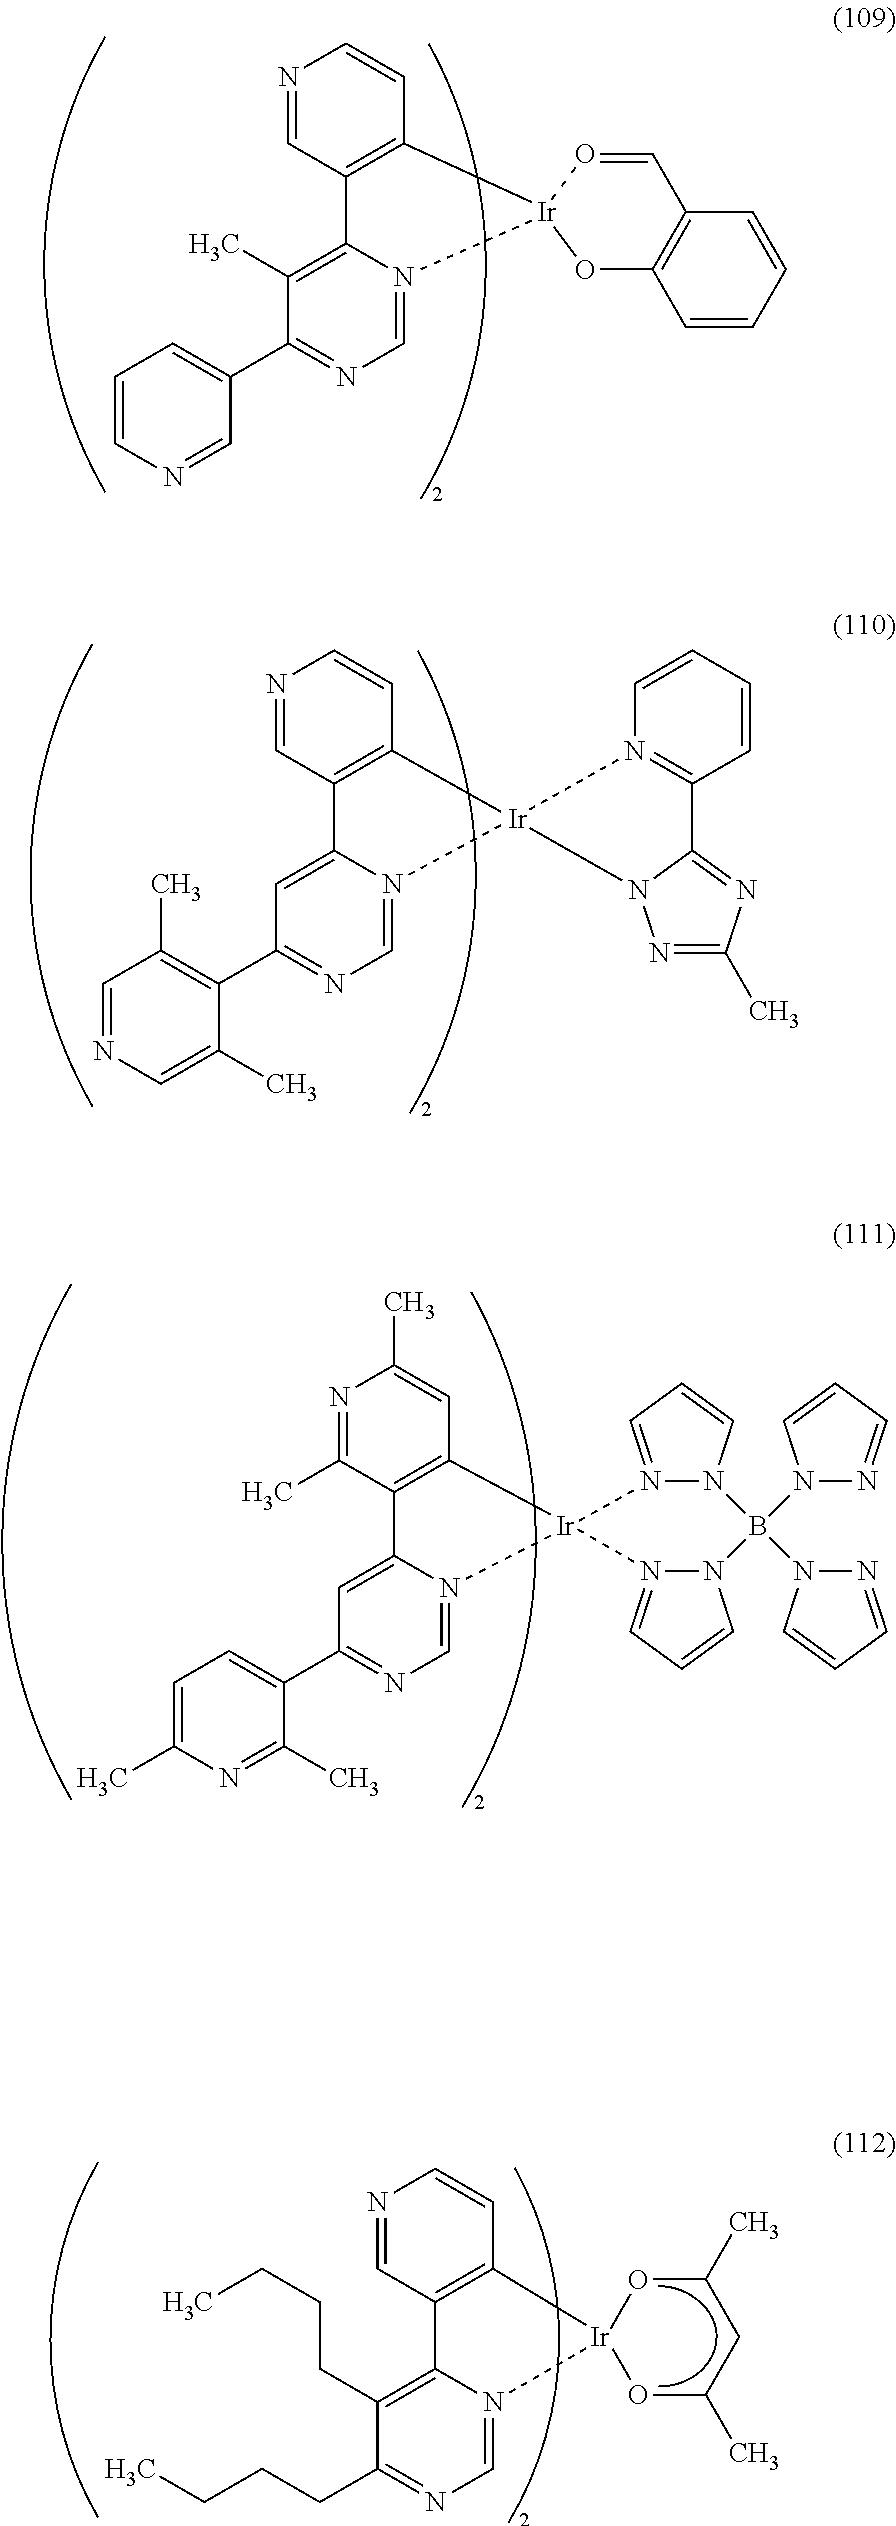 Figure US08889858-20141118-C00018